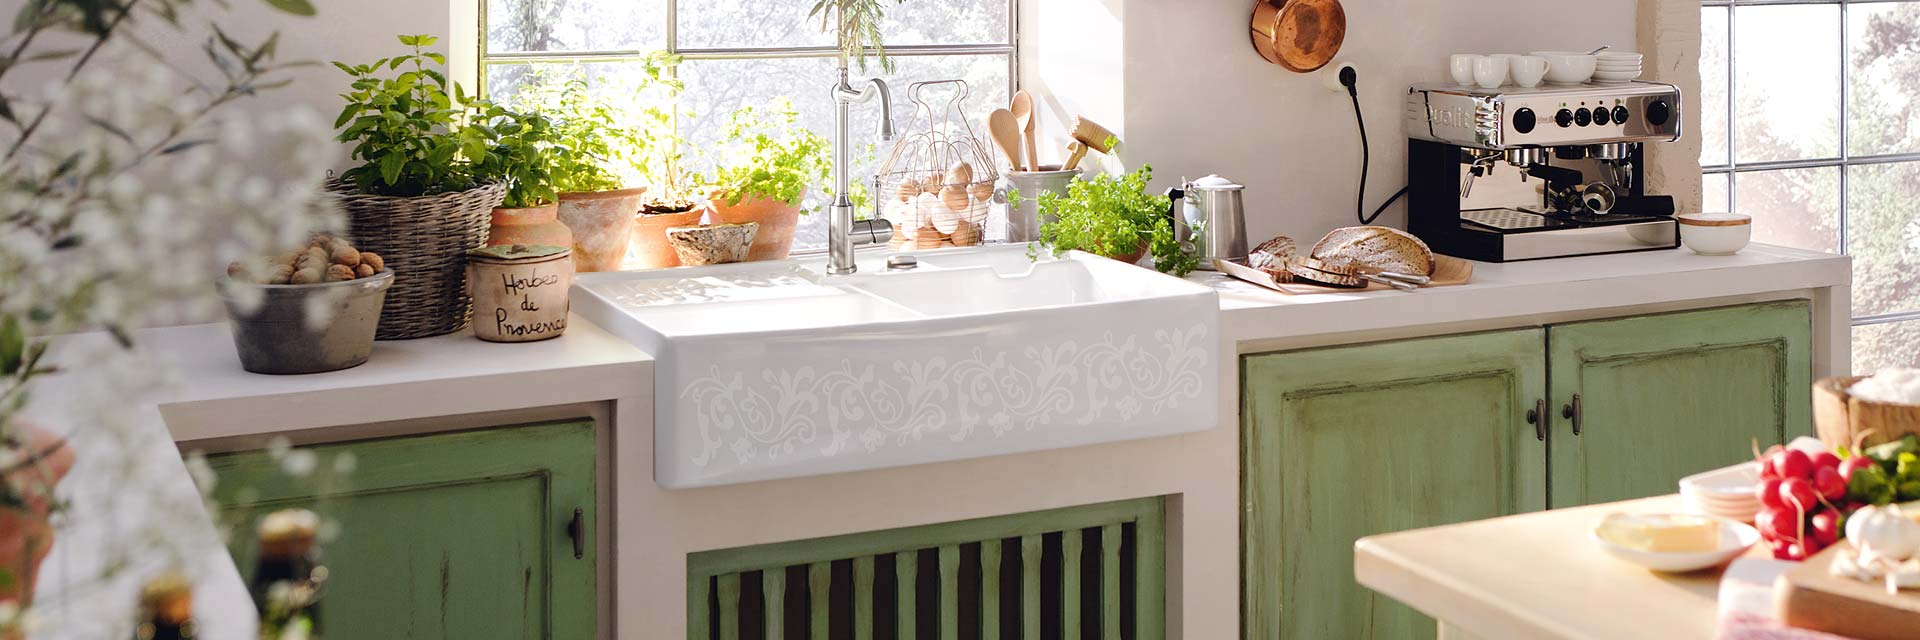 Bring Farbe in deine Küche